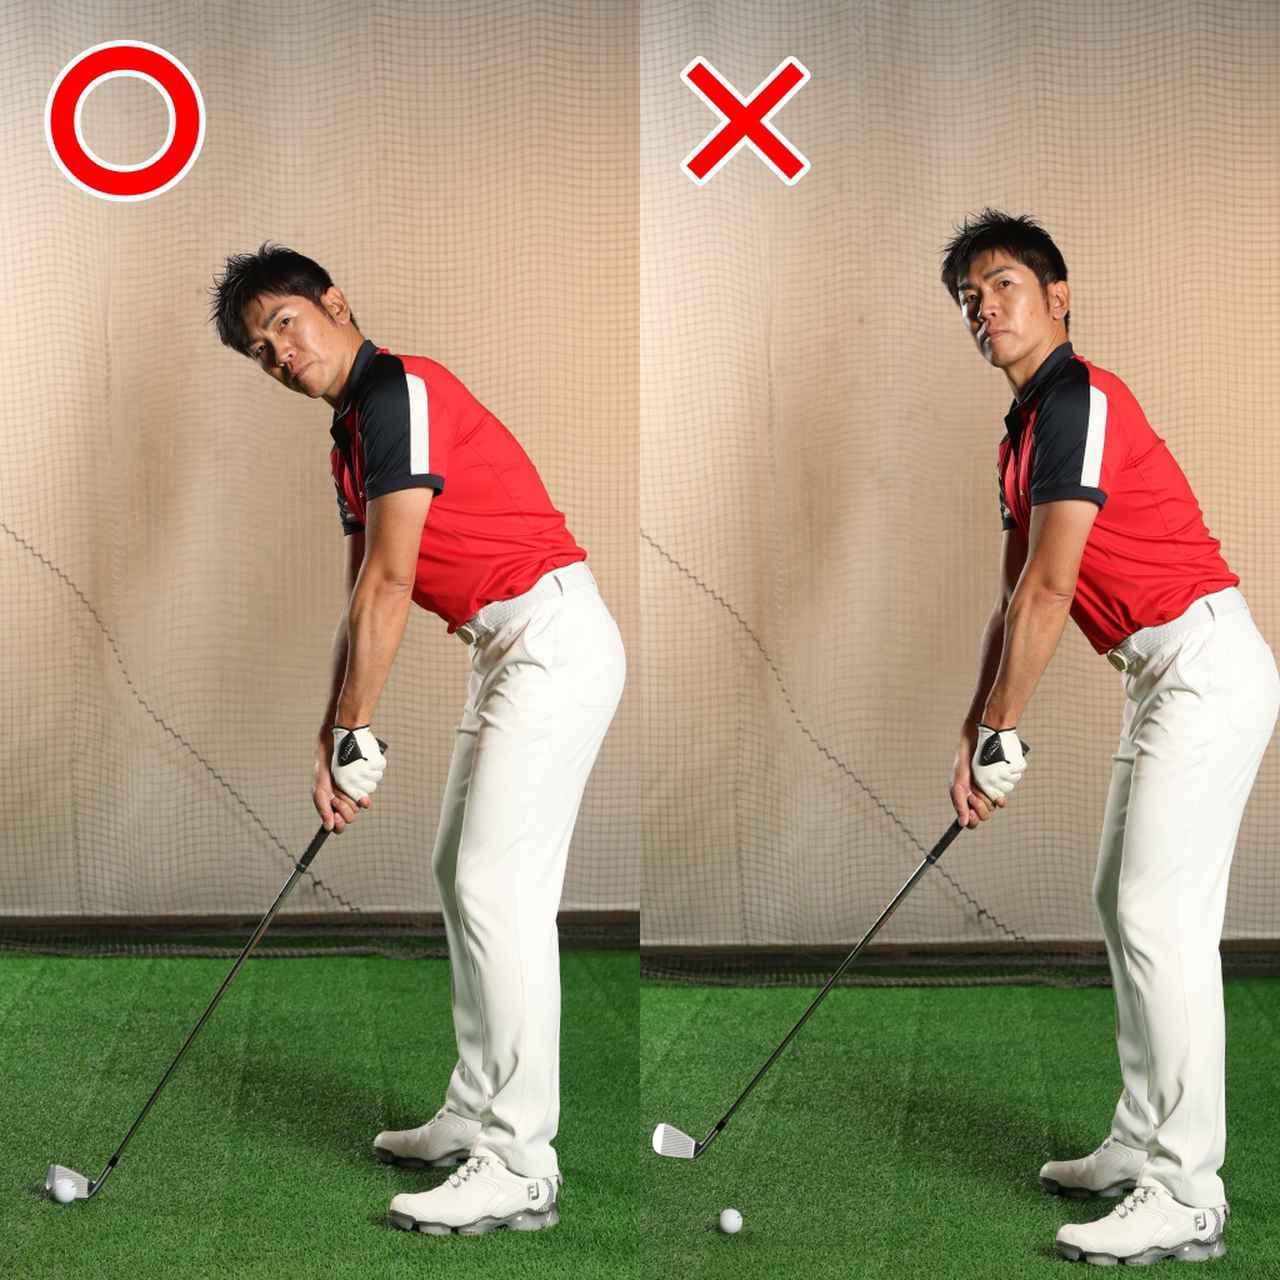 画像: アドレスで目標を確認するとき、視界が斜めになるのを嫌い首を立ててしまうと、前傾が崩れ、肩がタテ回転するのを妨げてしまう。視界の傾きに慣れることが大切だ